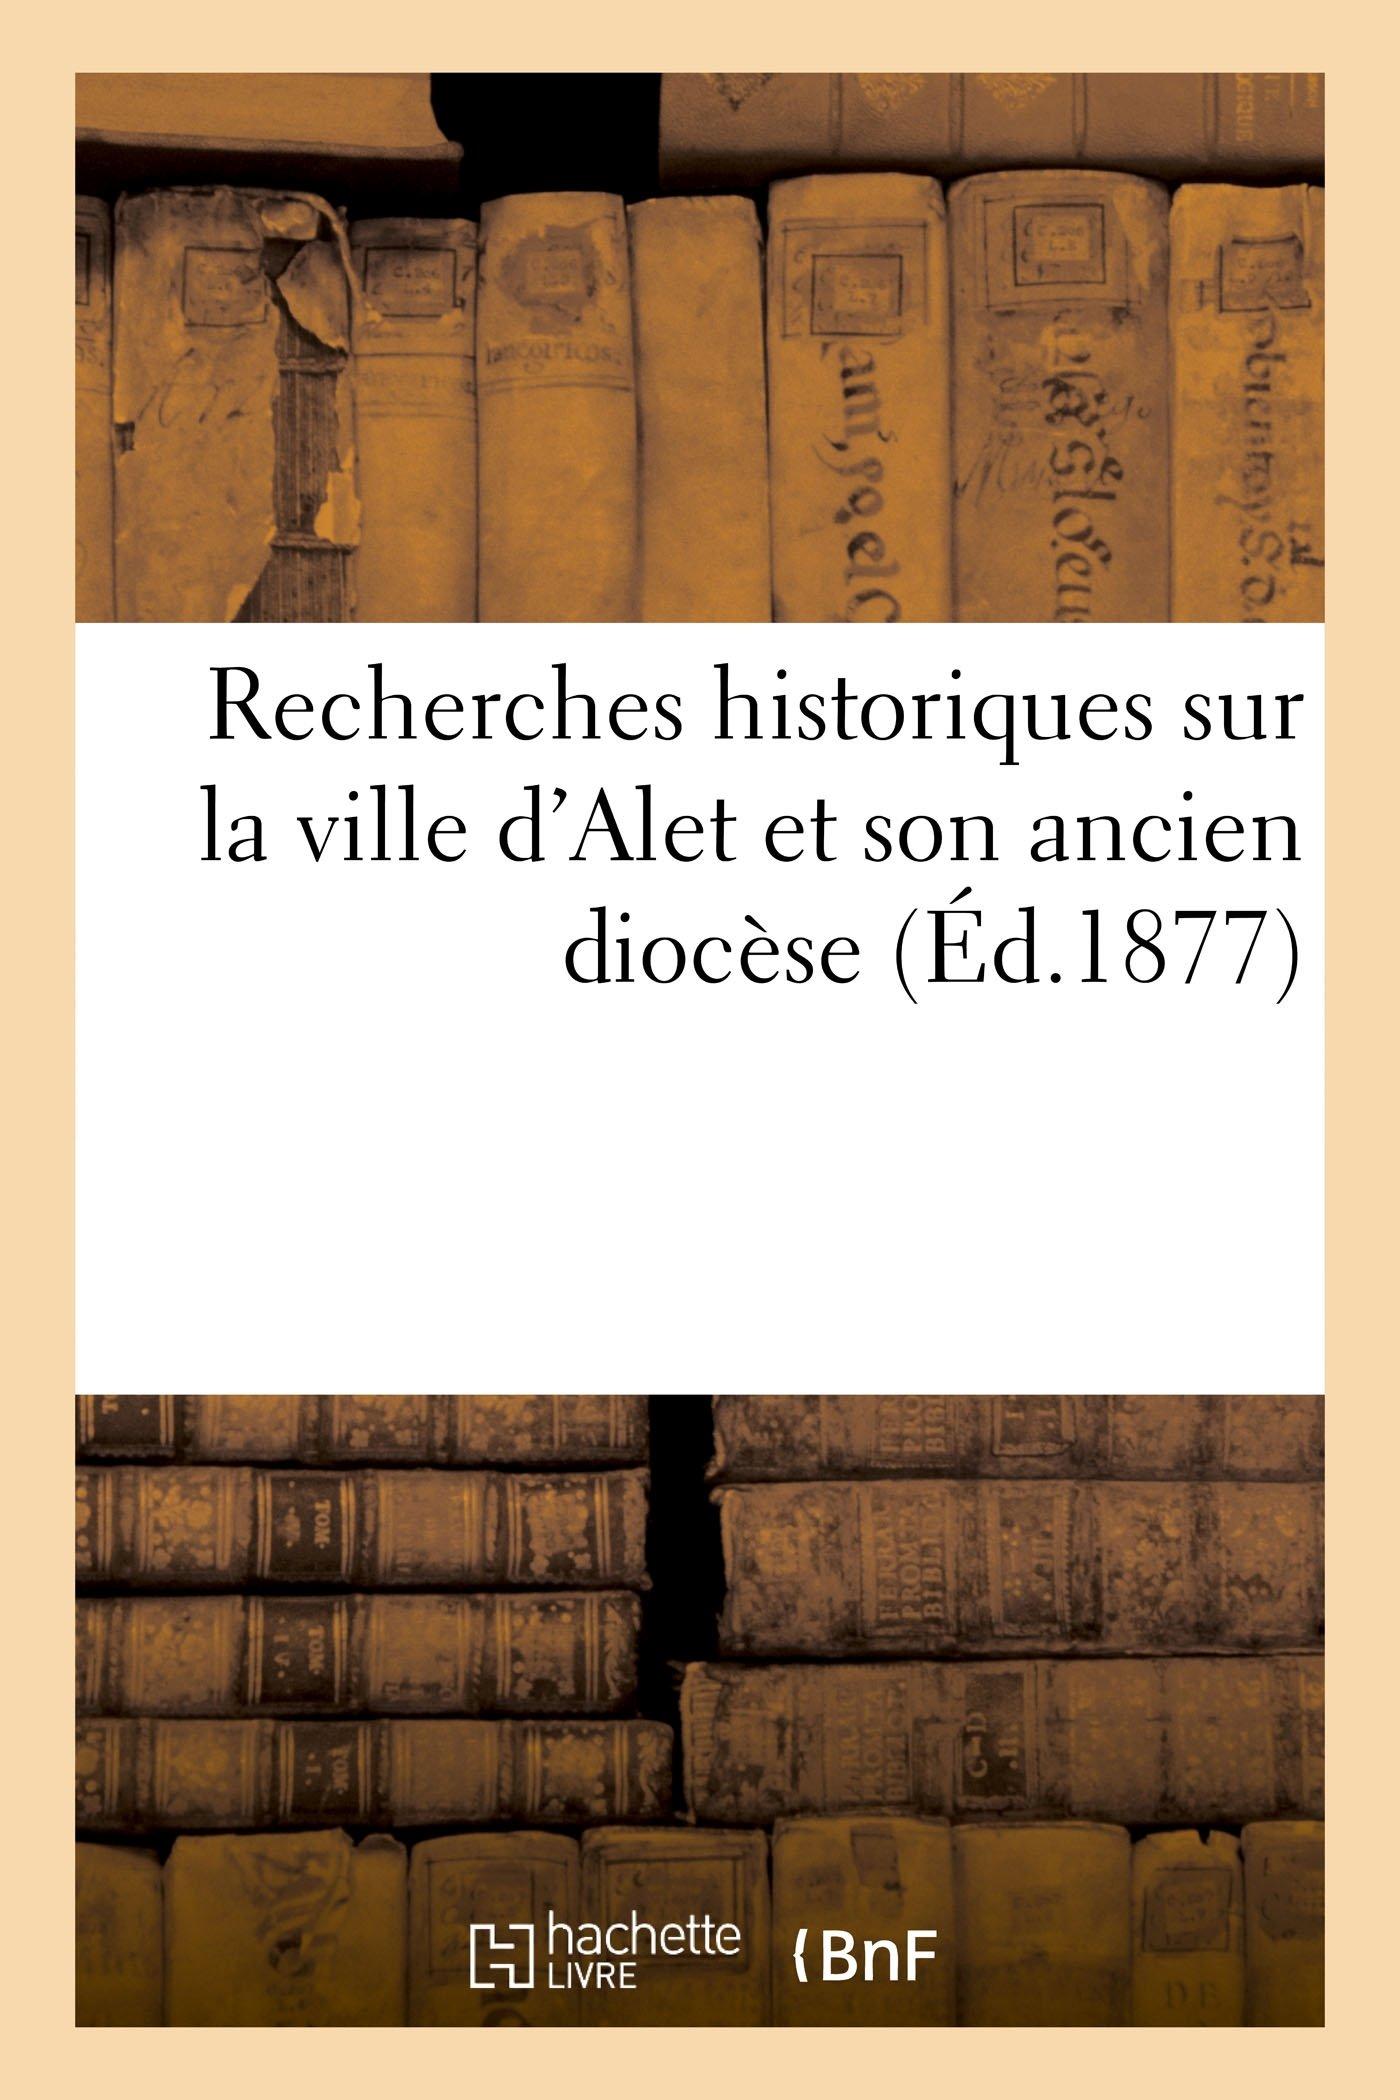 cdbcc88f711 Recherches historiques sur la ville d Alet et son ancien diocèse (Histoire)  (French Edition) (French) Paperback – September 12